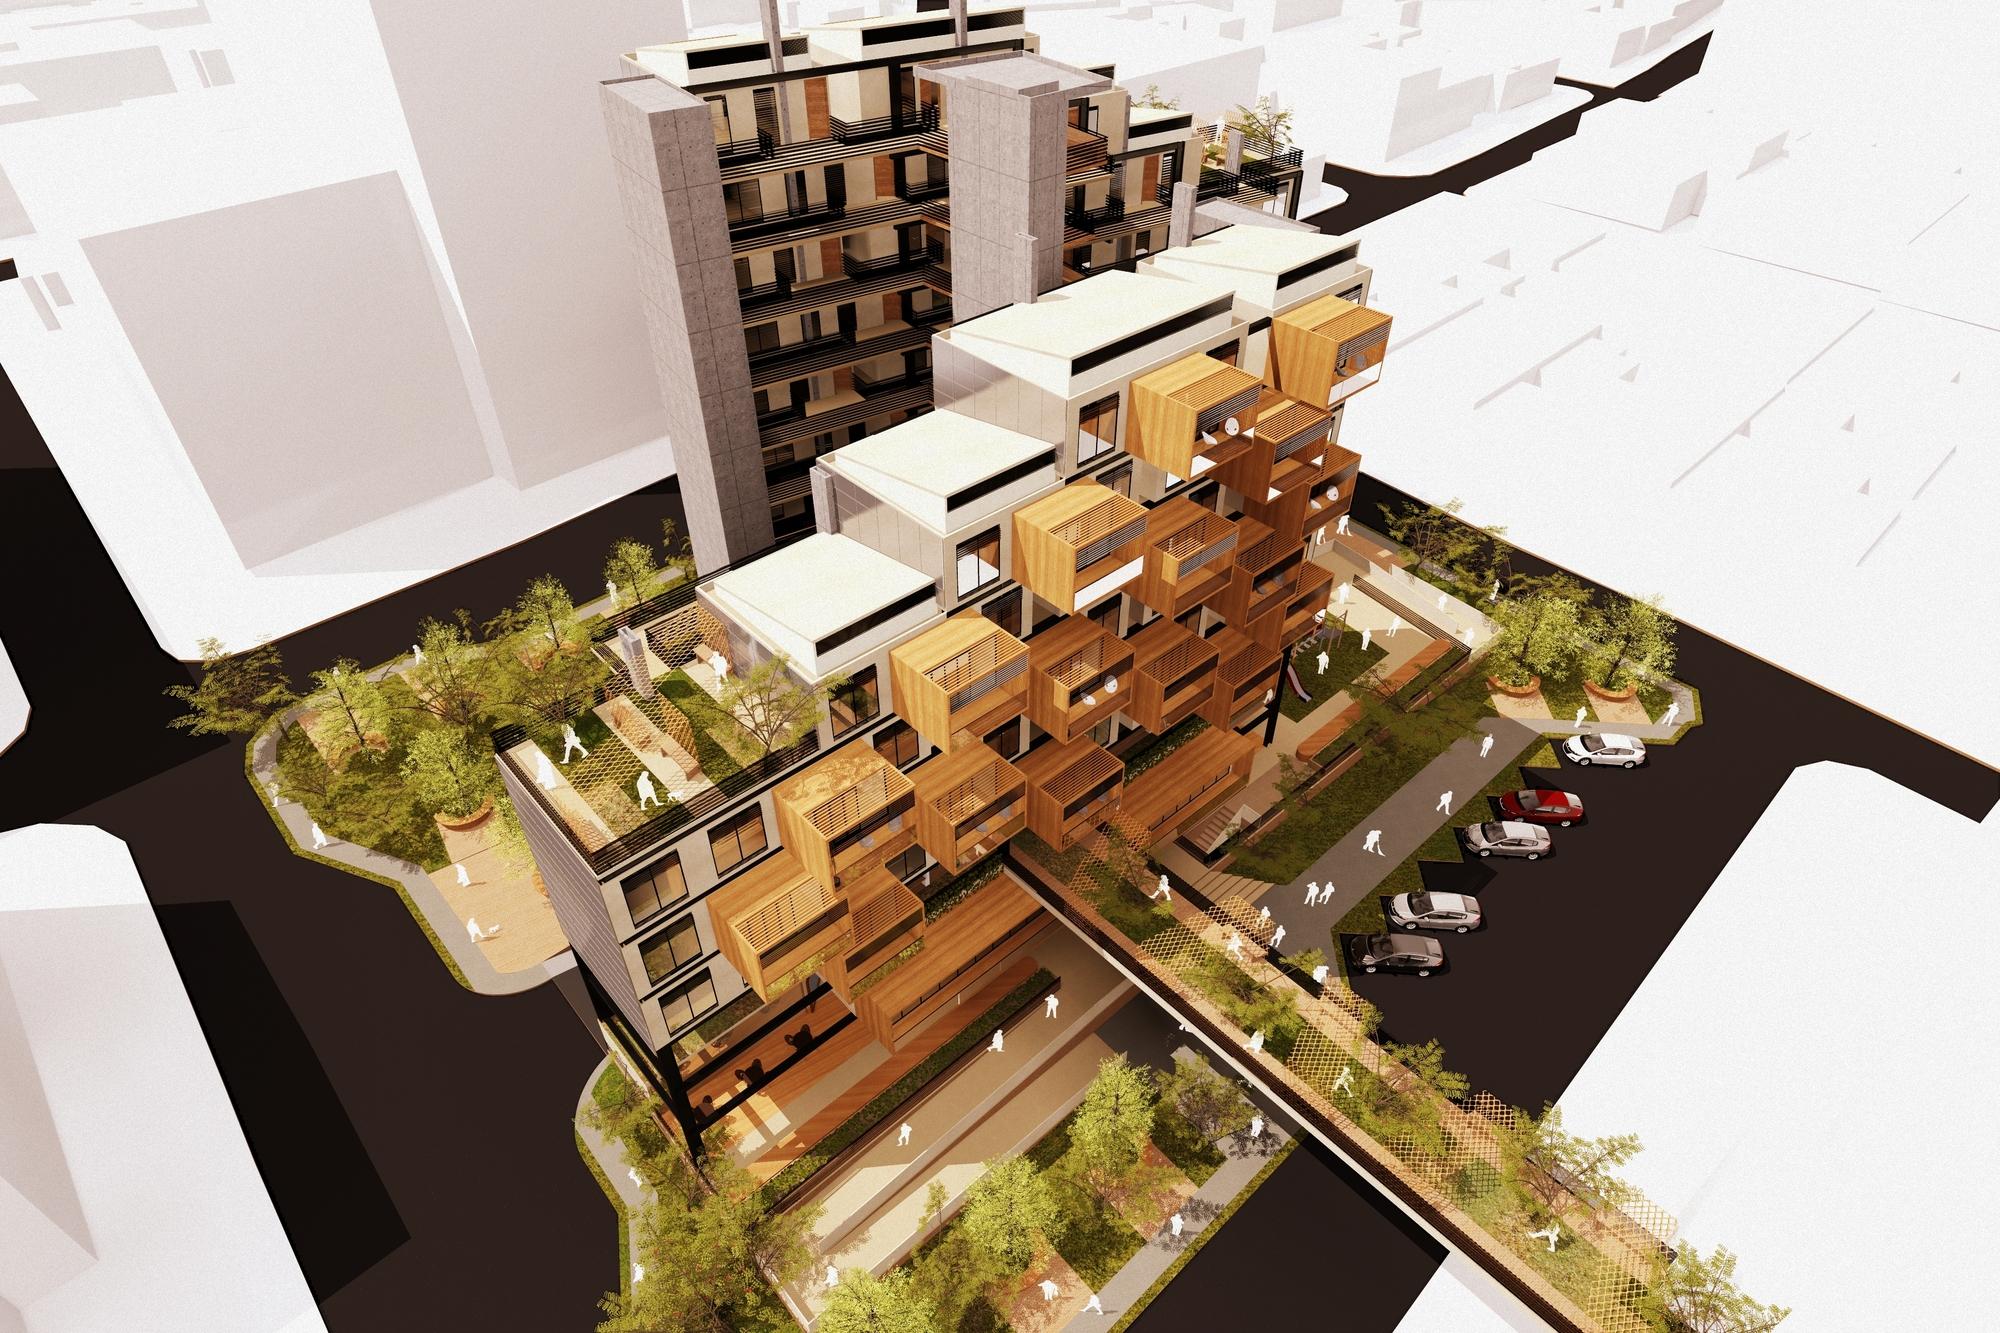 bhp un prototipo de vivienda multifamiliar bioclim tico desarrollado en colombia archdaily m xico. Black Bedroom Furniture Sets. Home Design Ideas